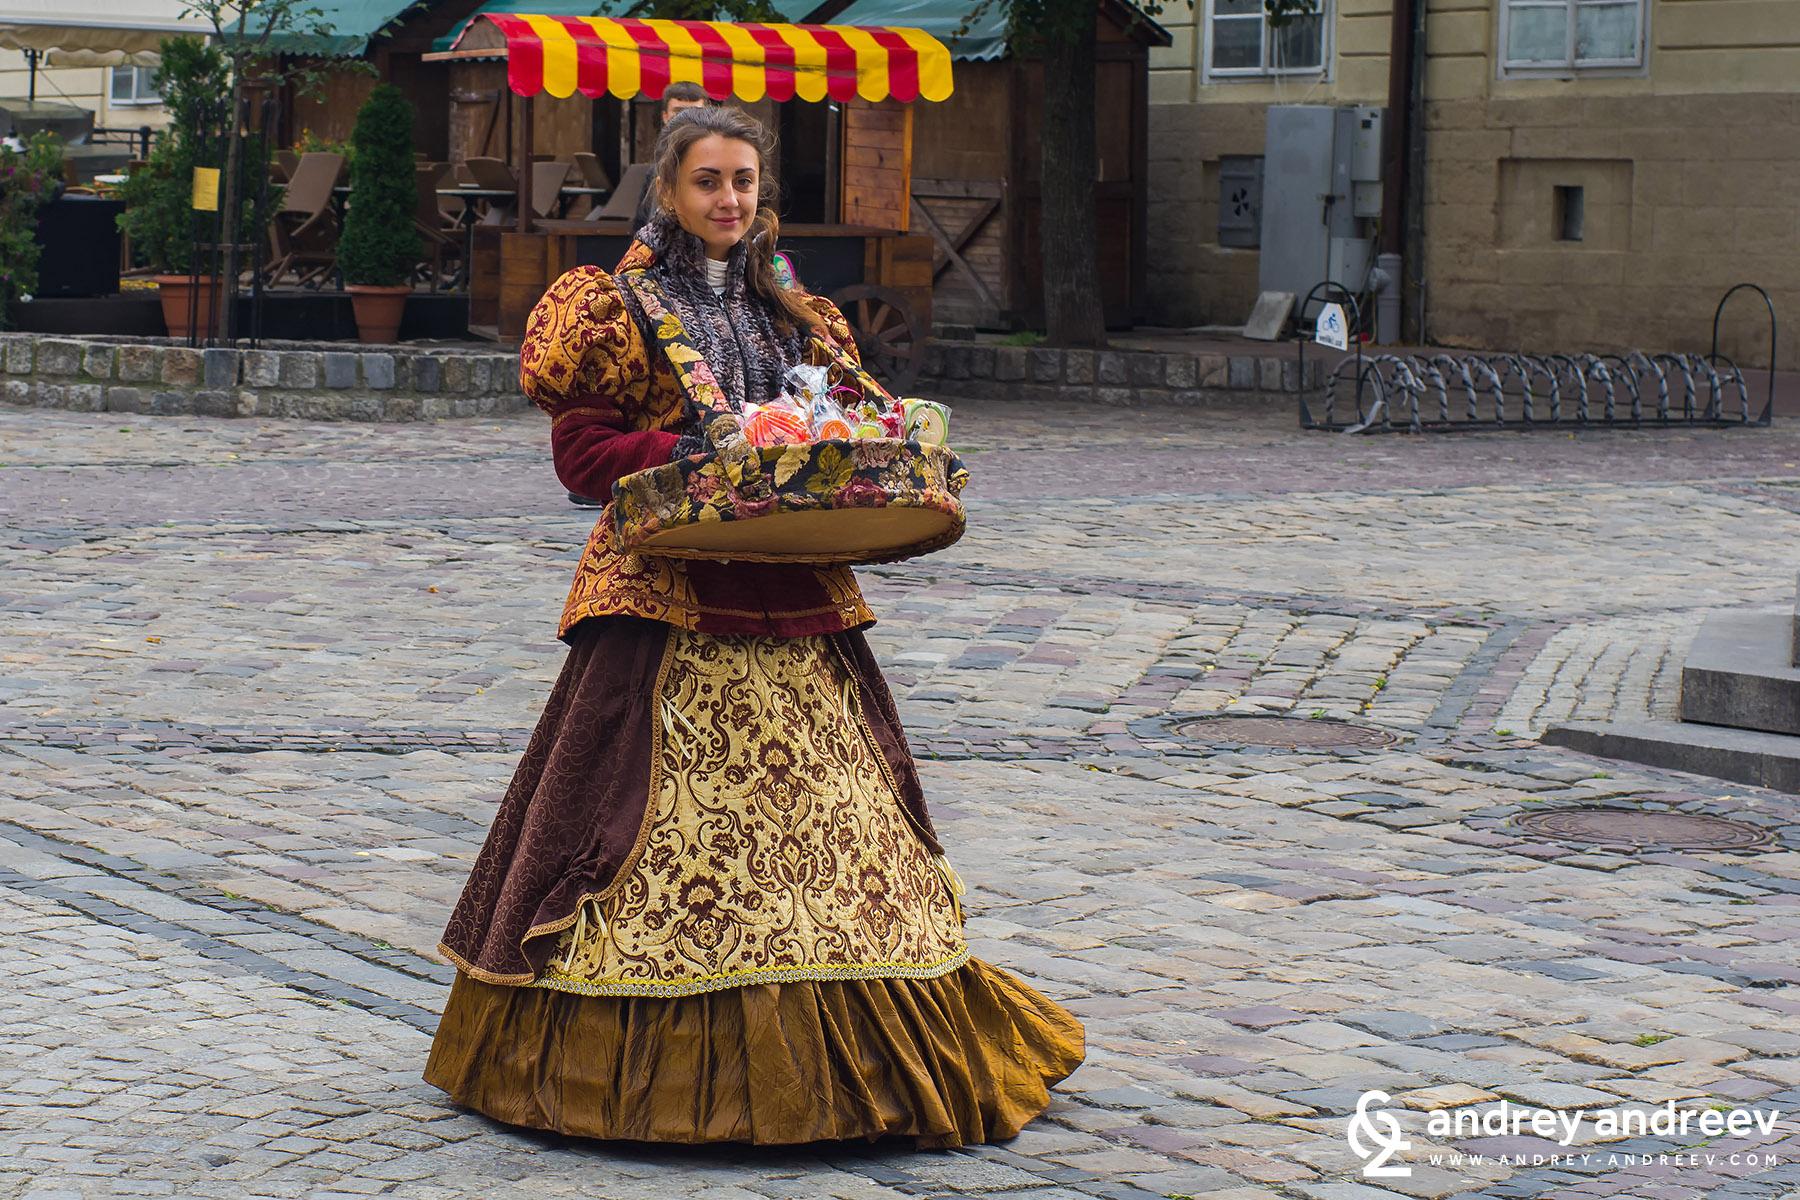 Лвововчанка - Лвов, Украйна